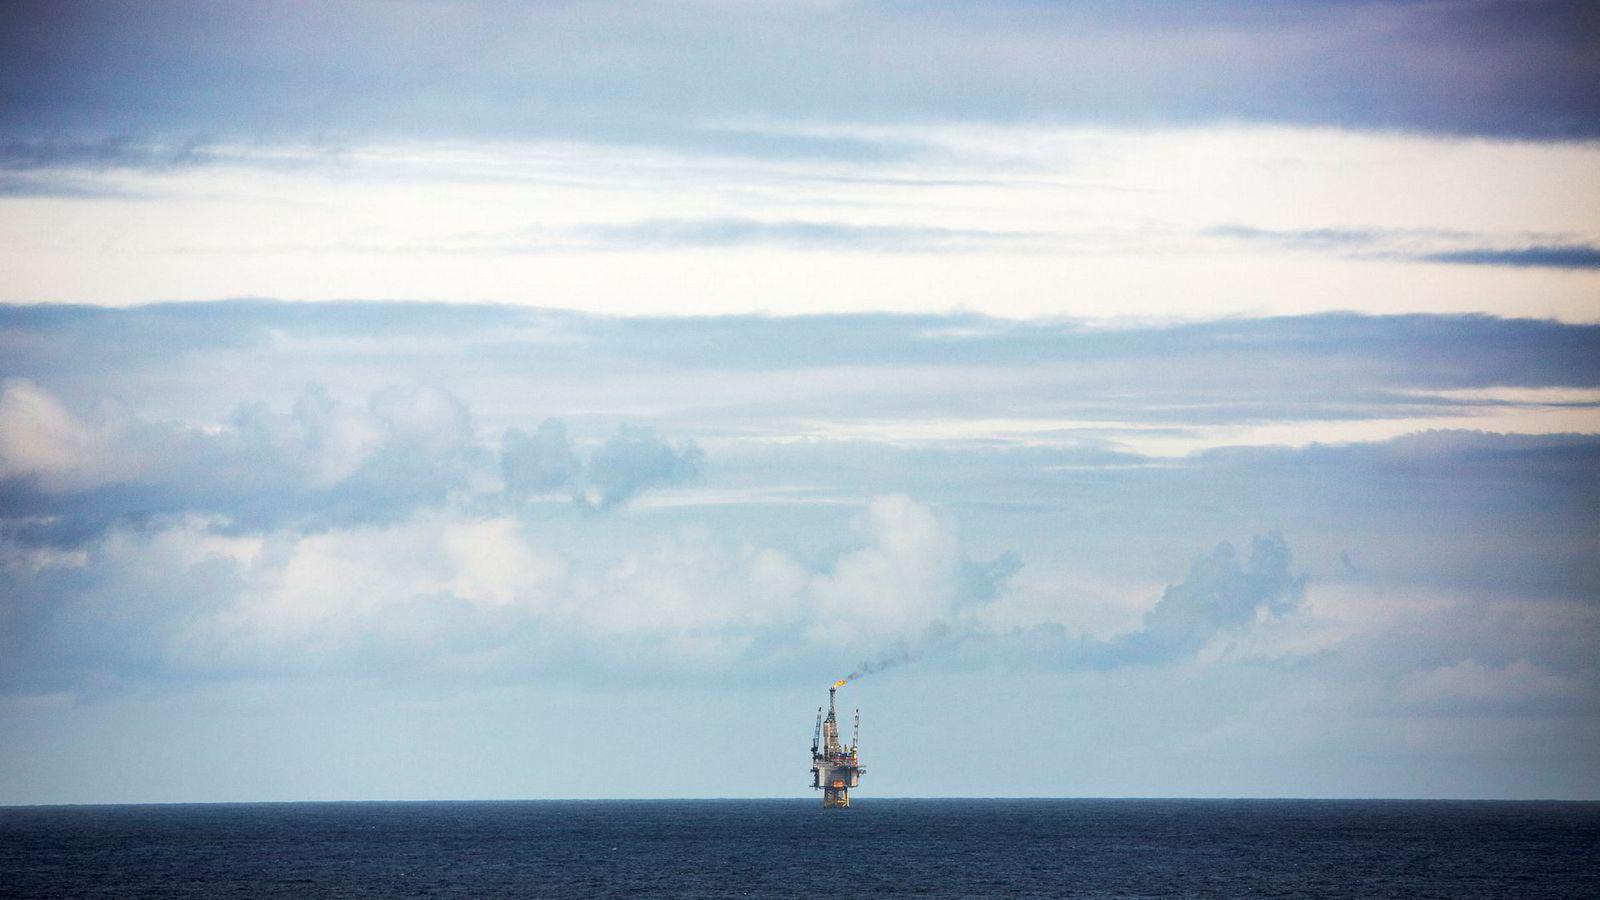 Regimet for oljeskatt har i stor grad vært svært vellykket for Norge. Tall i statsbudsjettet gir likevel grunn til å skru litt på det.